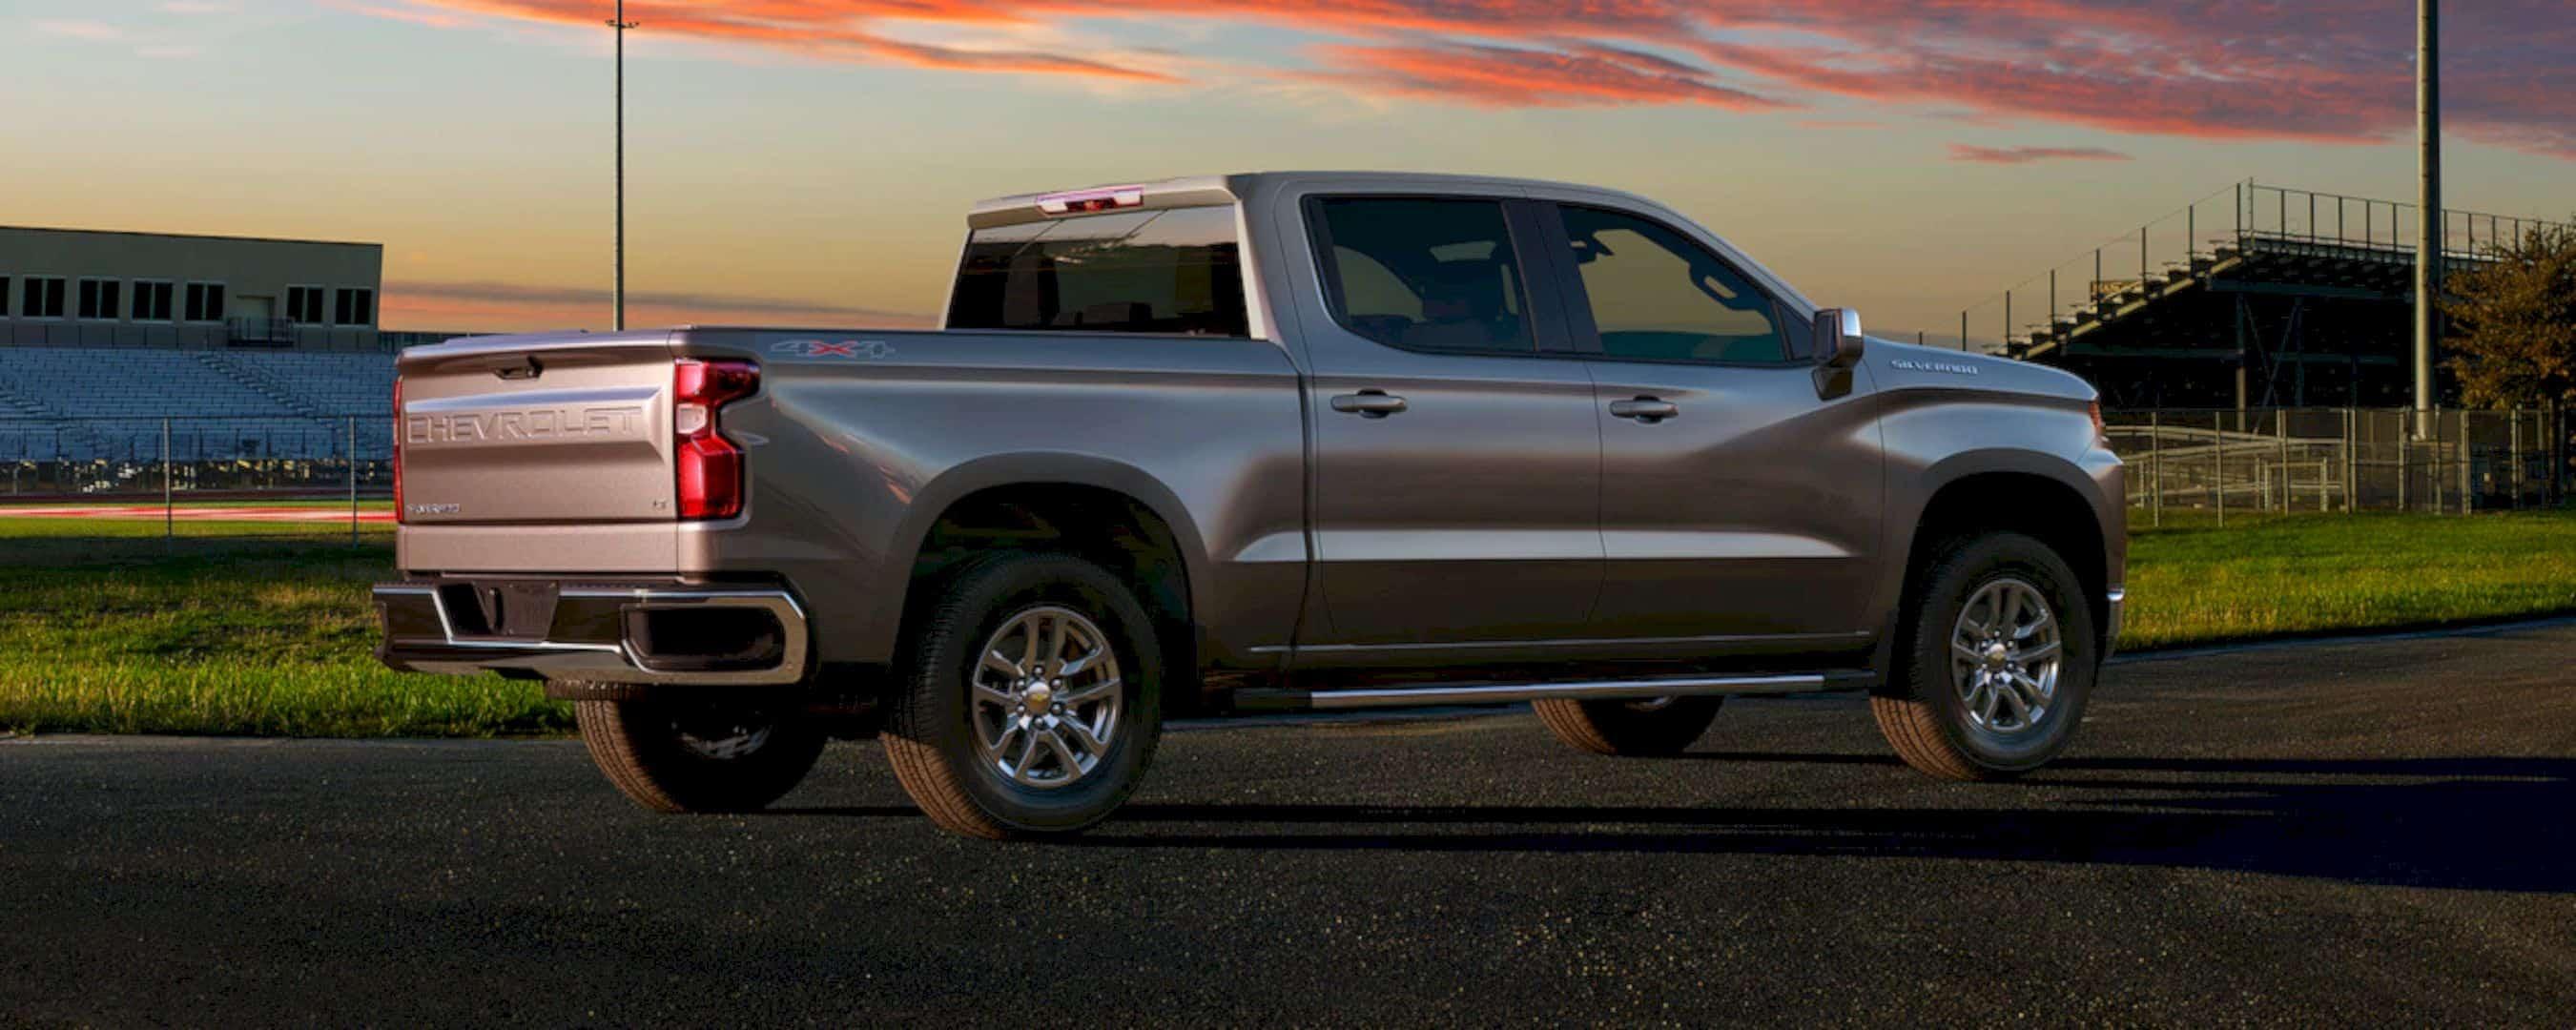 The All New 2019 Chevrolet Silverado 7